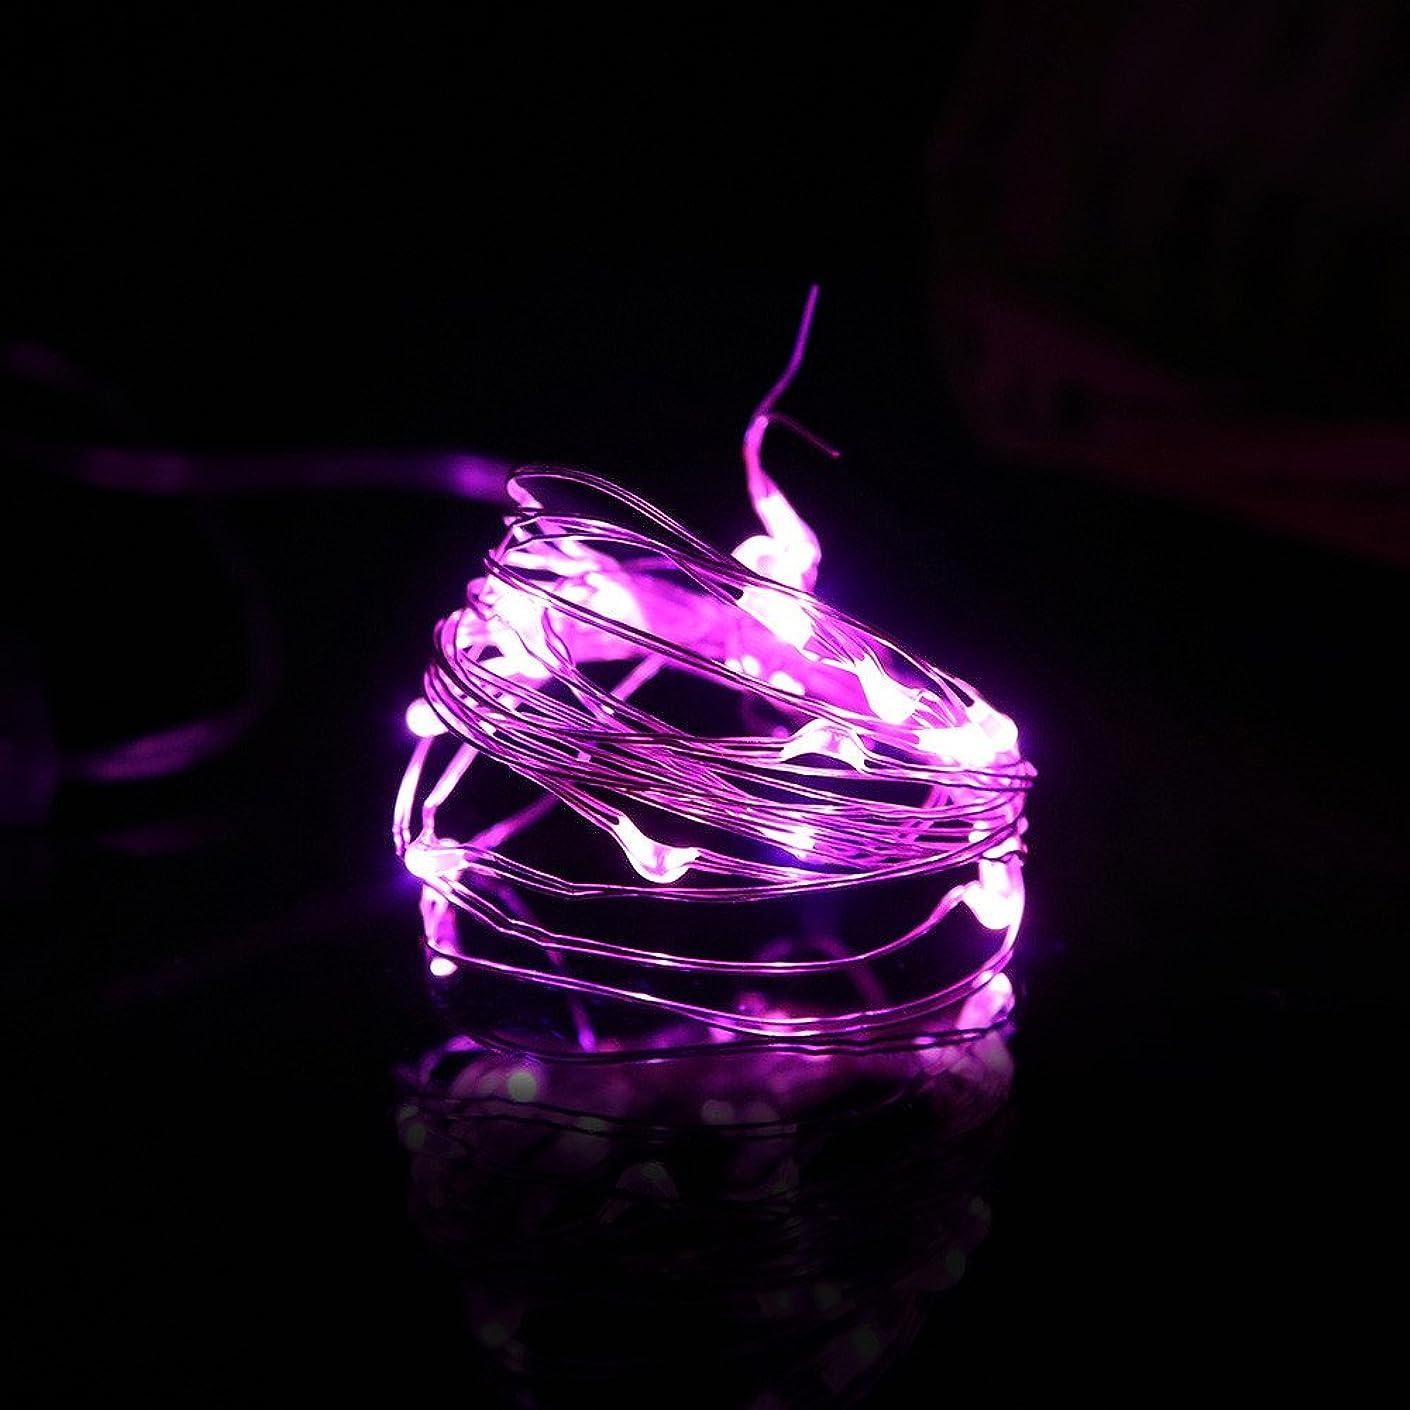 克服する略す細部LEDイルミネーションライト ハロウィン Timsa ボタン電池式 フェアリーライト LED装飾ライト パンプキン柄 ランタン 飾り ライト LEDストリングライト 室内 室外 庭 バレンタインデー パーティー クリスマス装飾 学園祭 電飾 銅線ライト 電球色 (2M 20球, パープル)